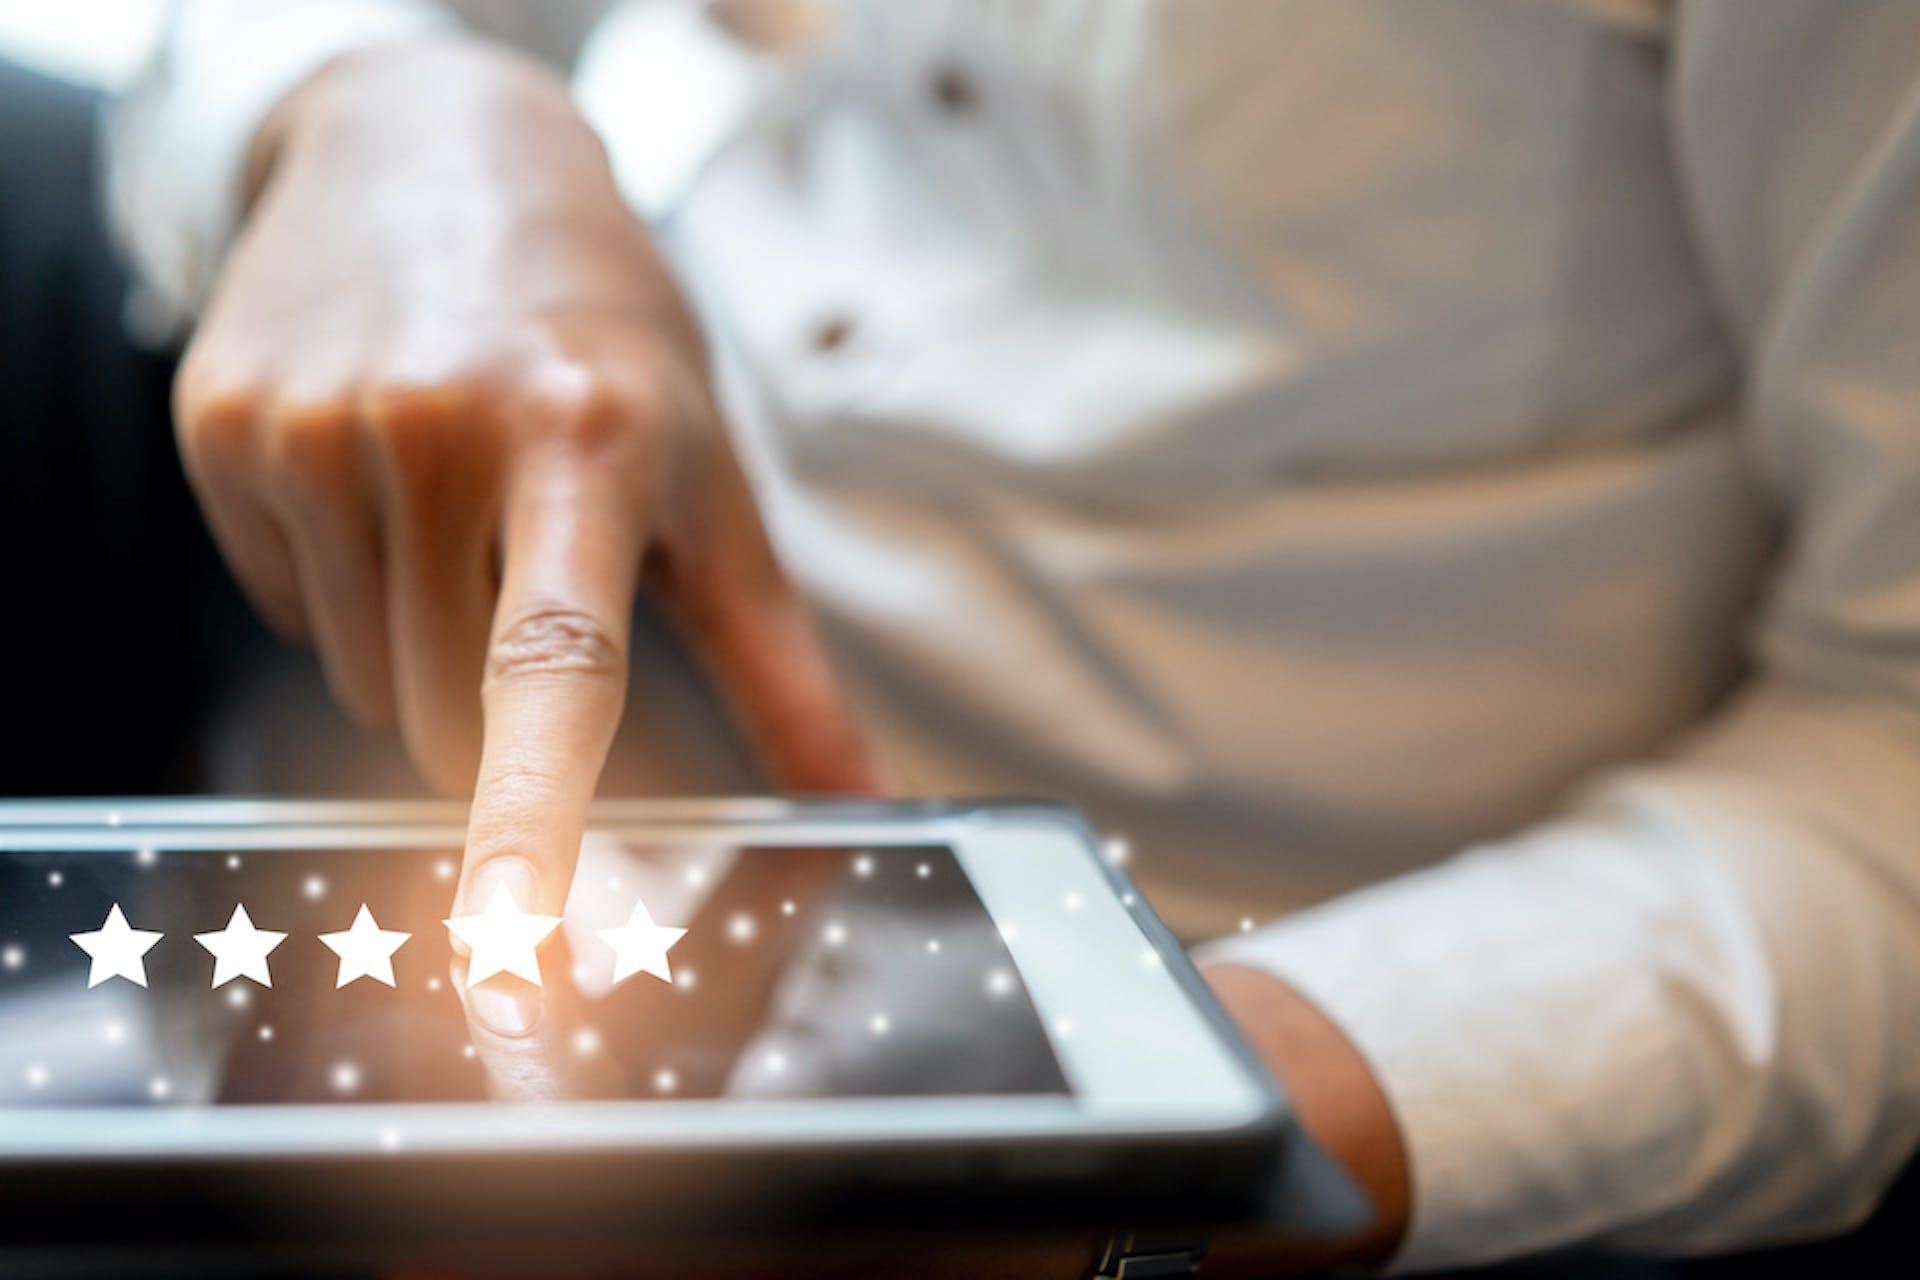 Foto von einem Mann, der auf seinem Tablet eine Sternebewertung abgibt, um eine manuelle Sentimentanalyse durchzuführen